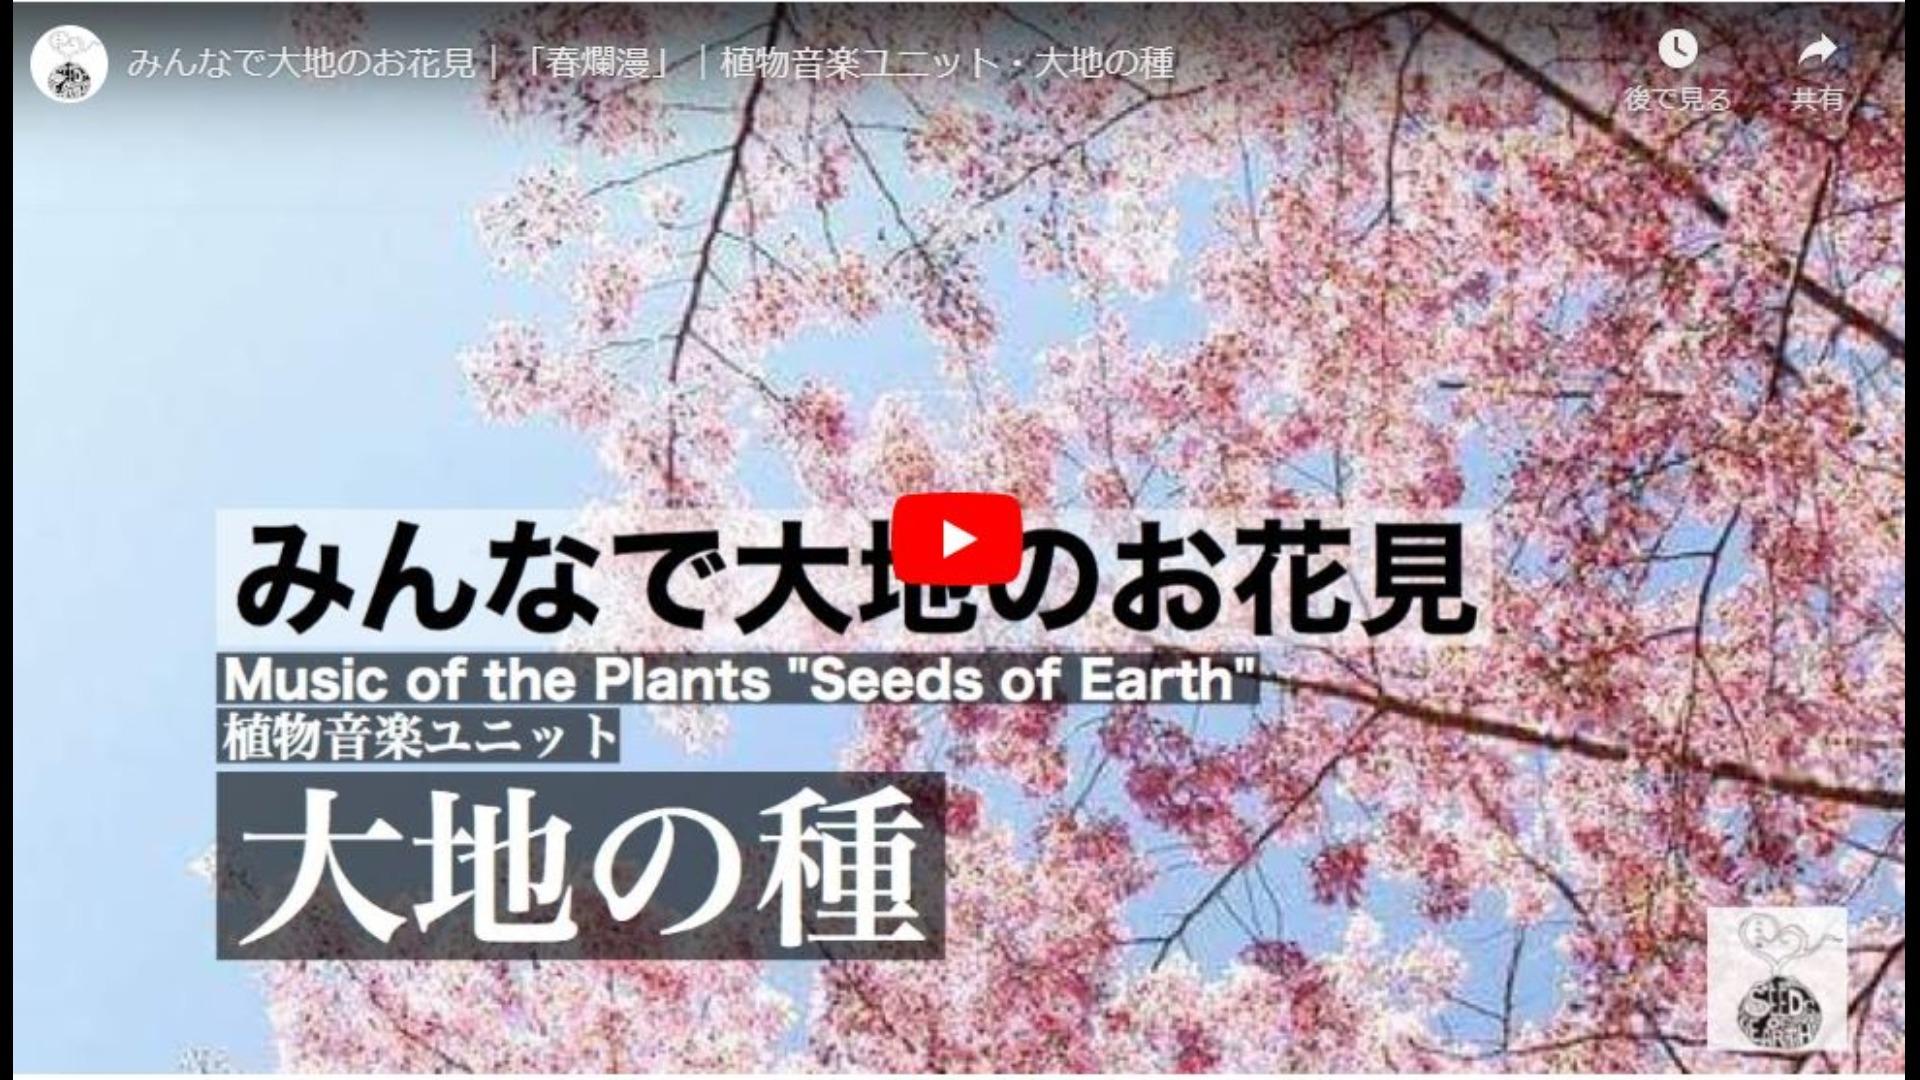 大地の種オリジナル楽曲「春爛漫」無償ダウンロード